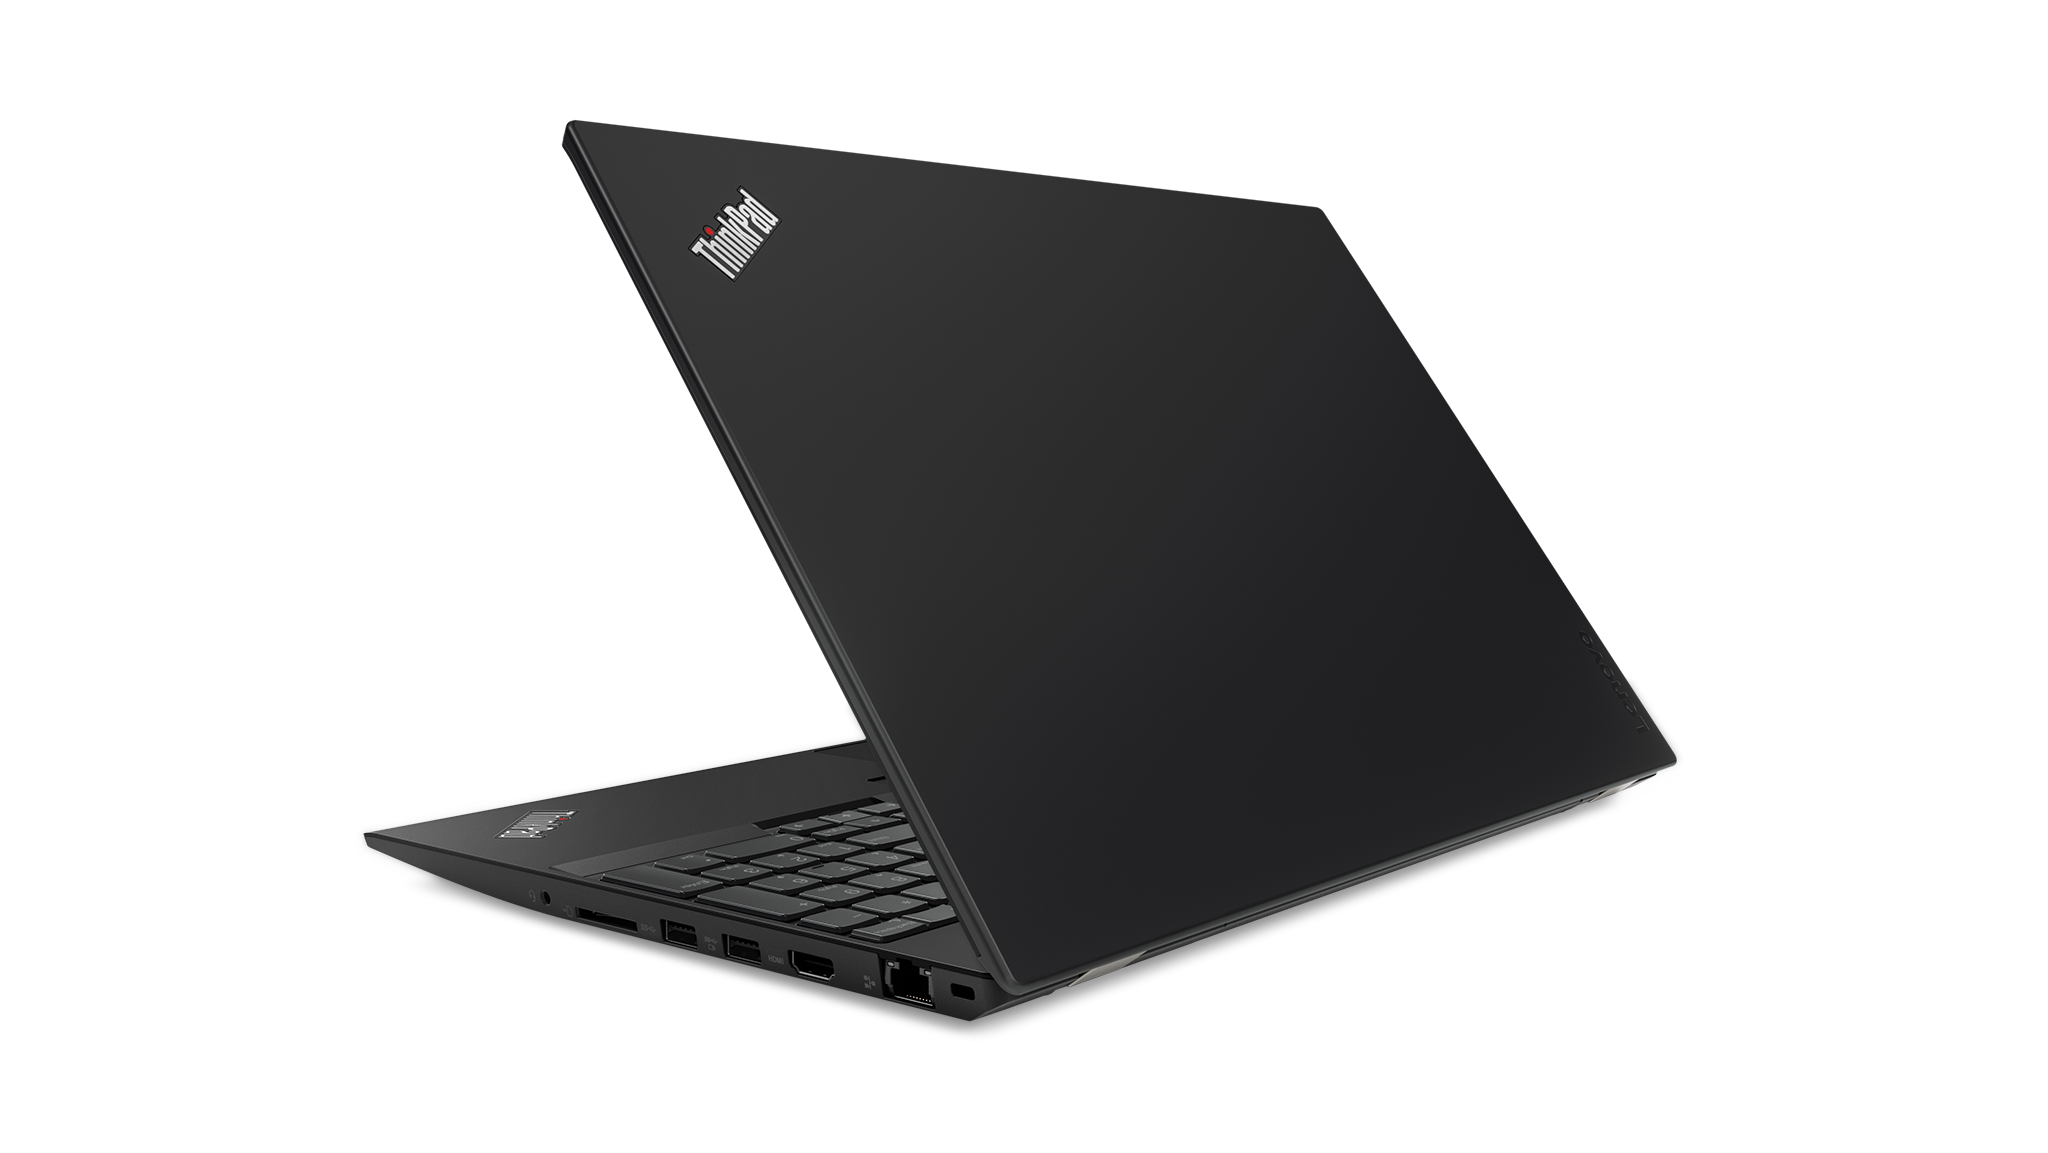 Lenovo ThinkPad P52s Hero Rear facing left